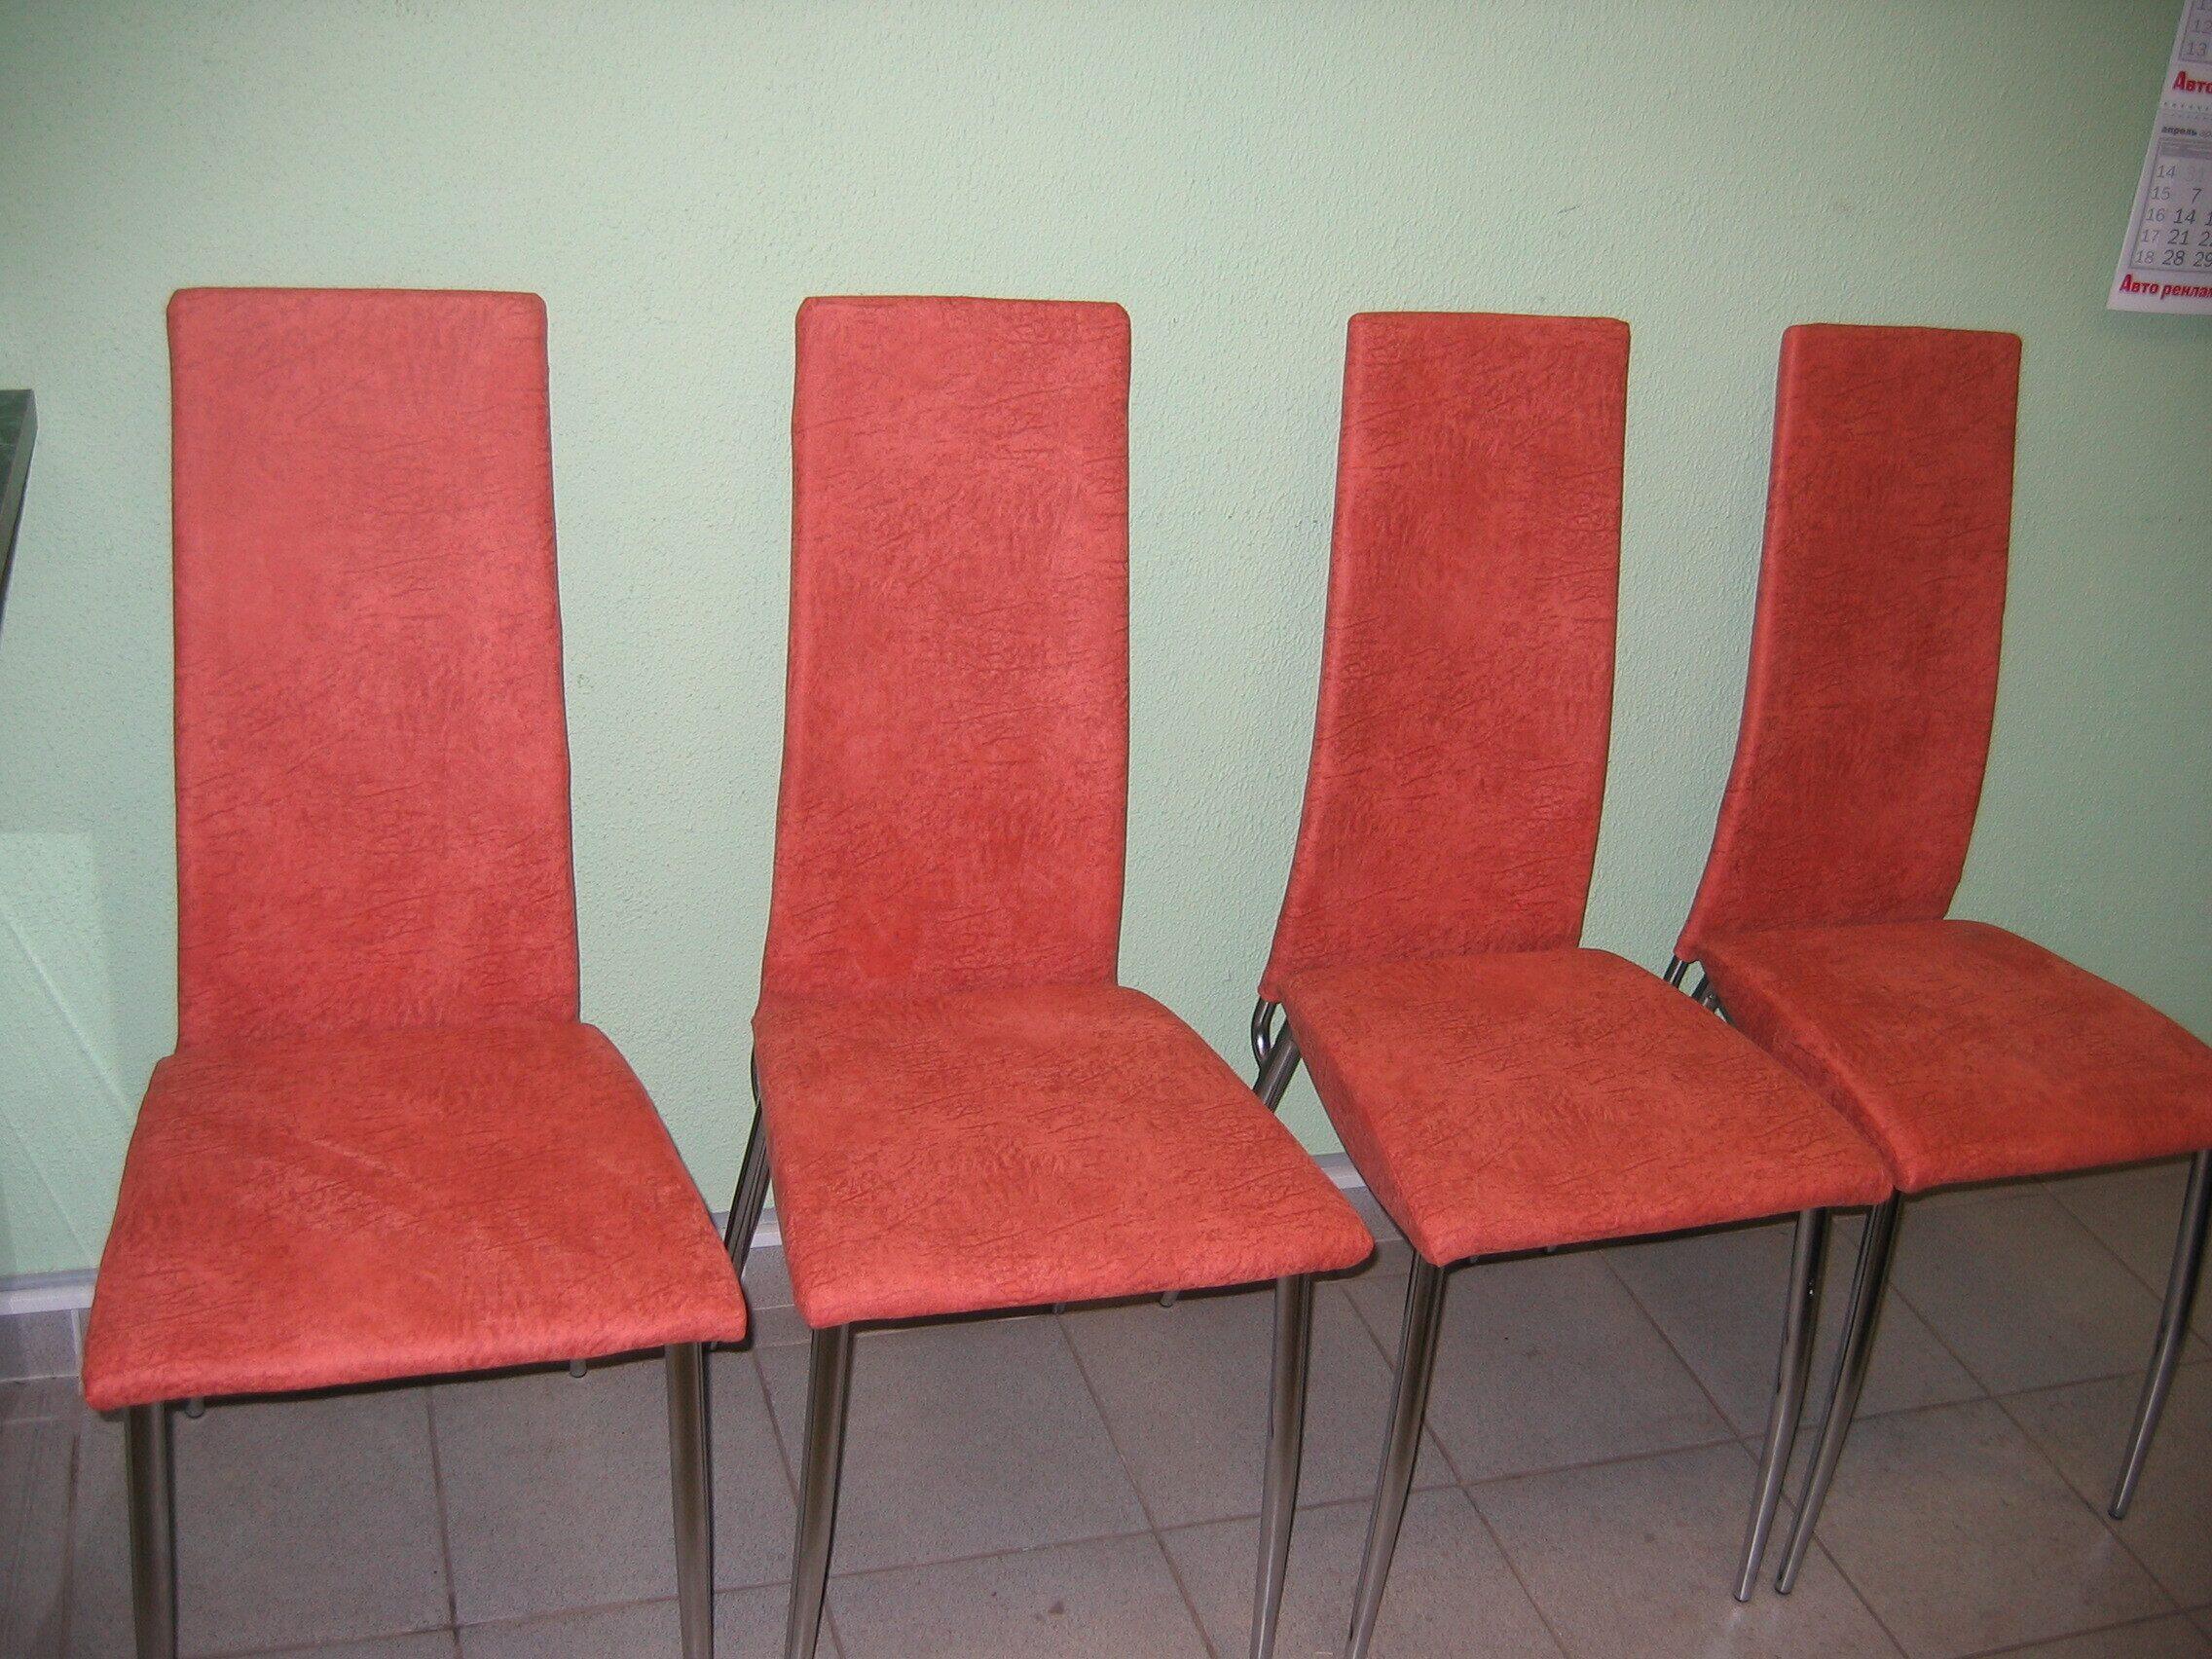 Стулья: перетяжка искусств. замшей Фотогалерея перетяжка сидений руля стульев обтяжка дверей